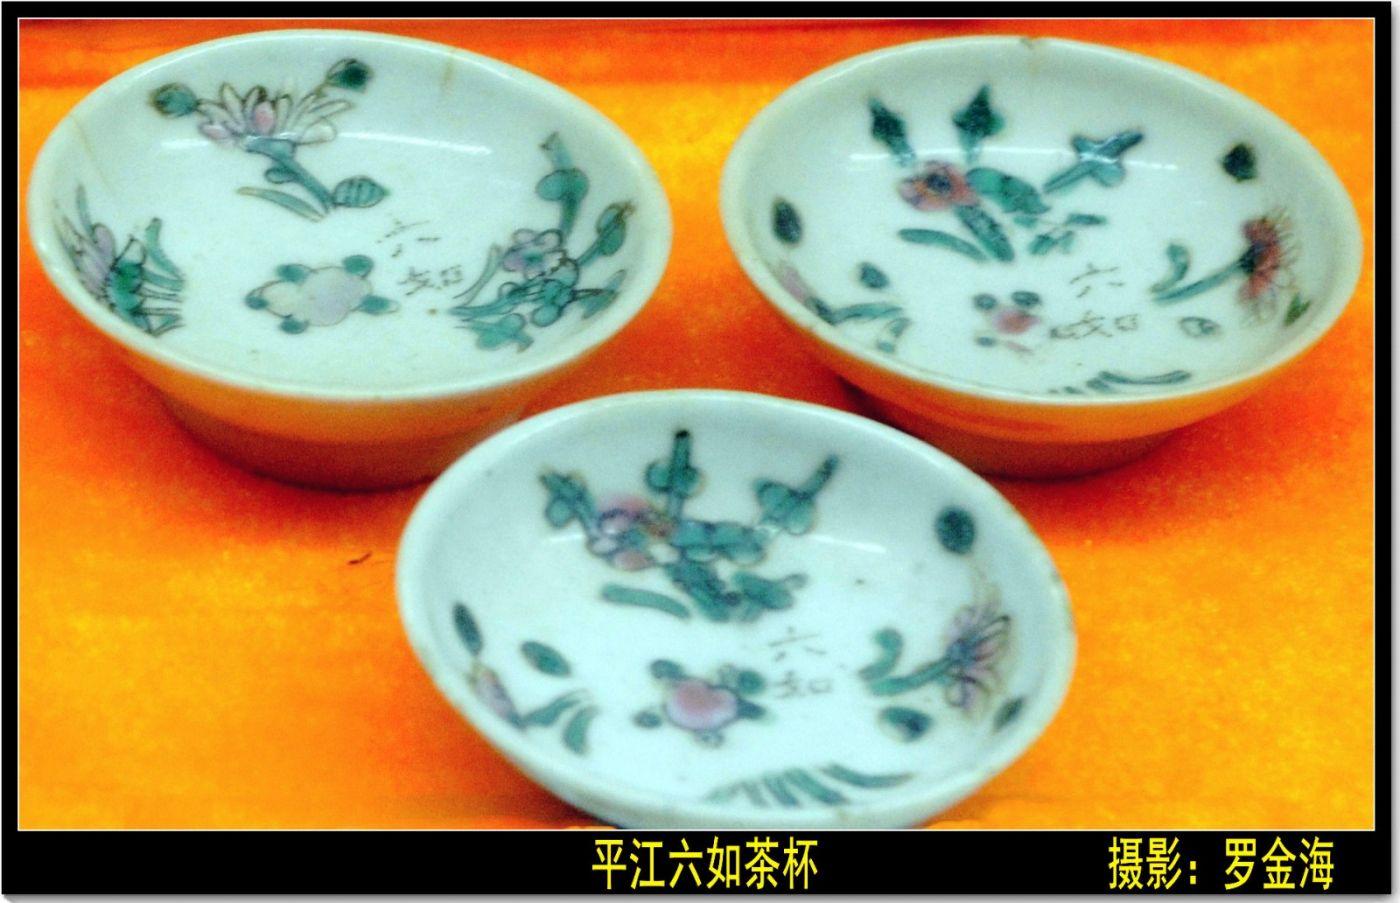 平江烟茶赋(古典诗词)_图1-7